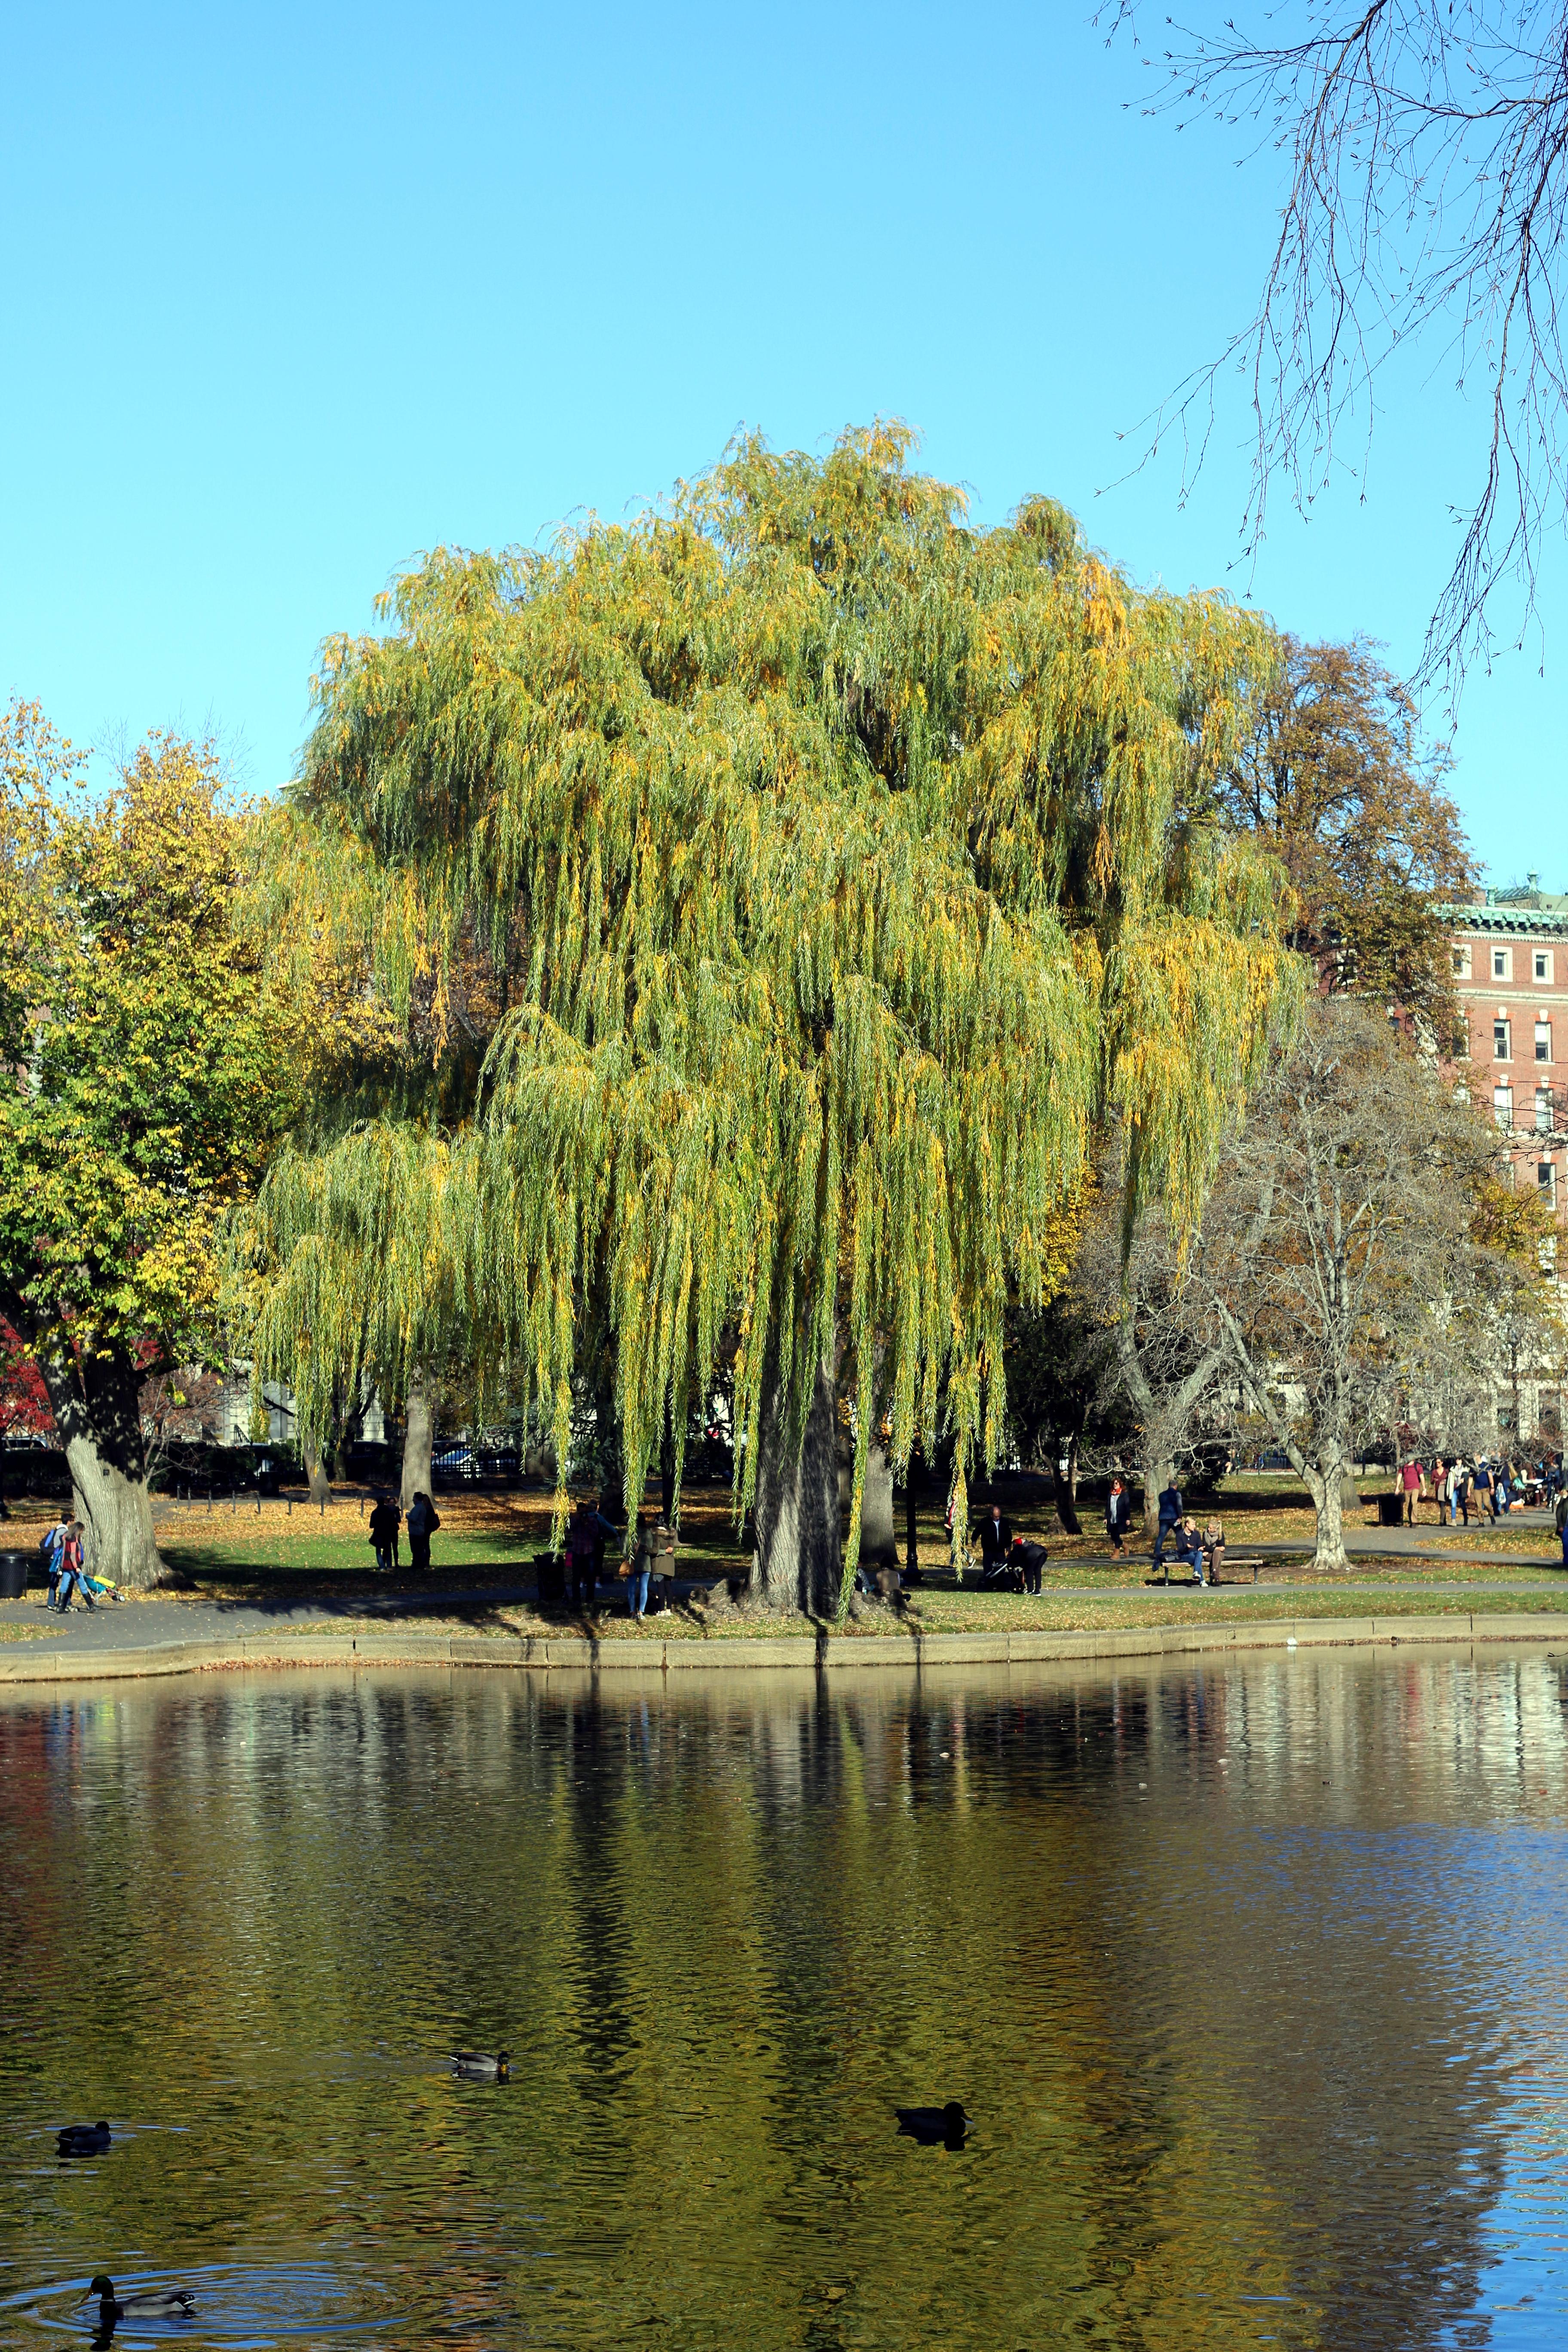 Et træ i parken.